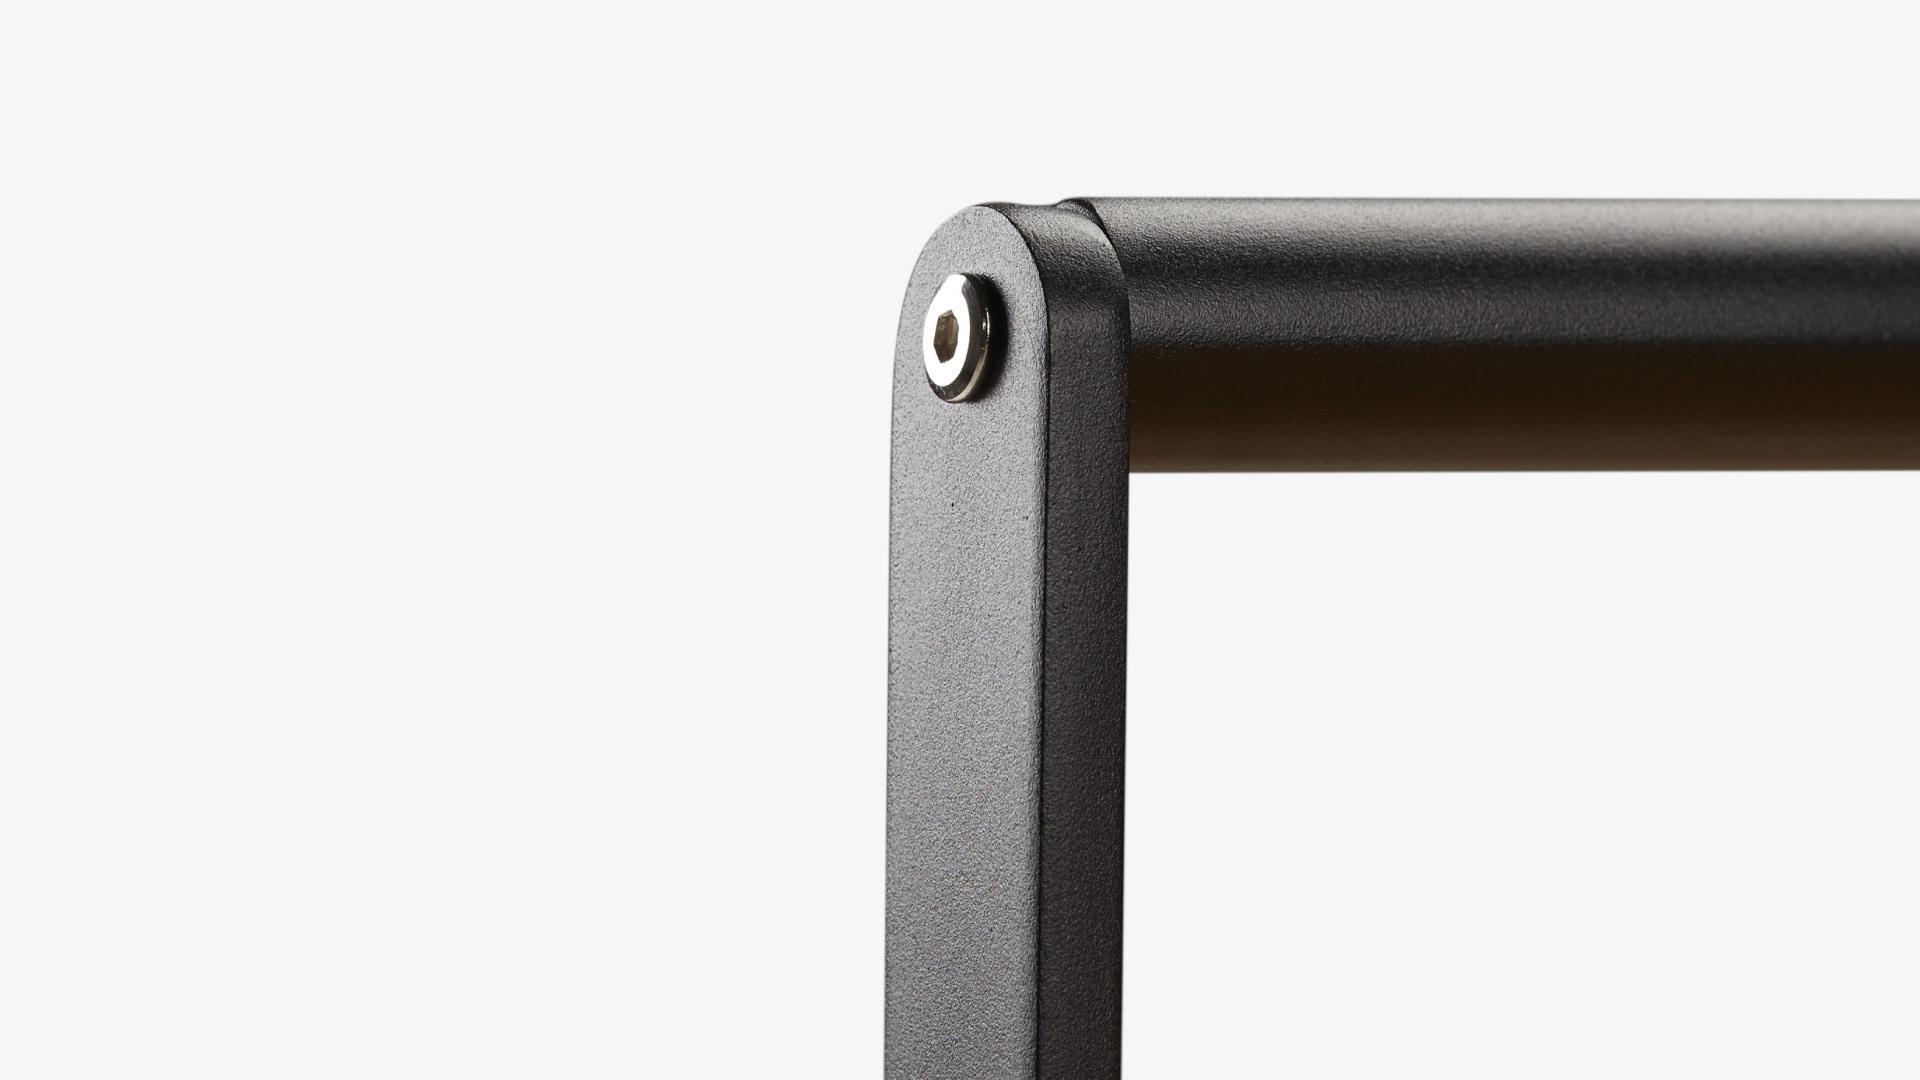 可提可推扶手设计<br/>最省力的随身手推柜